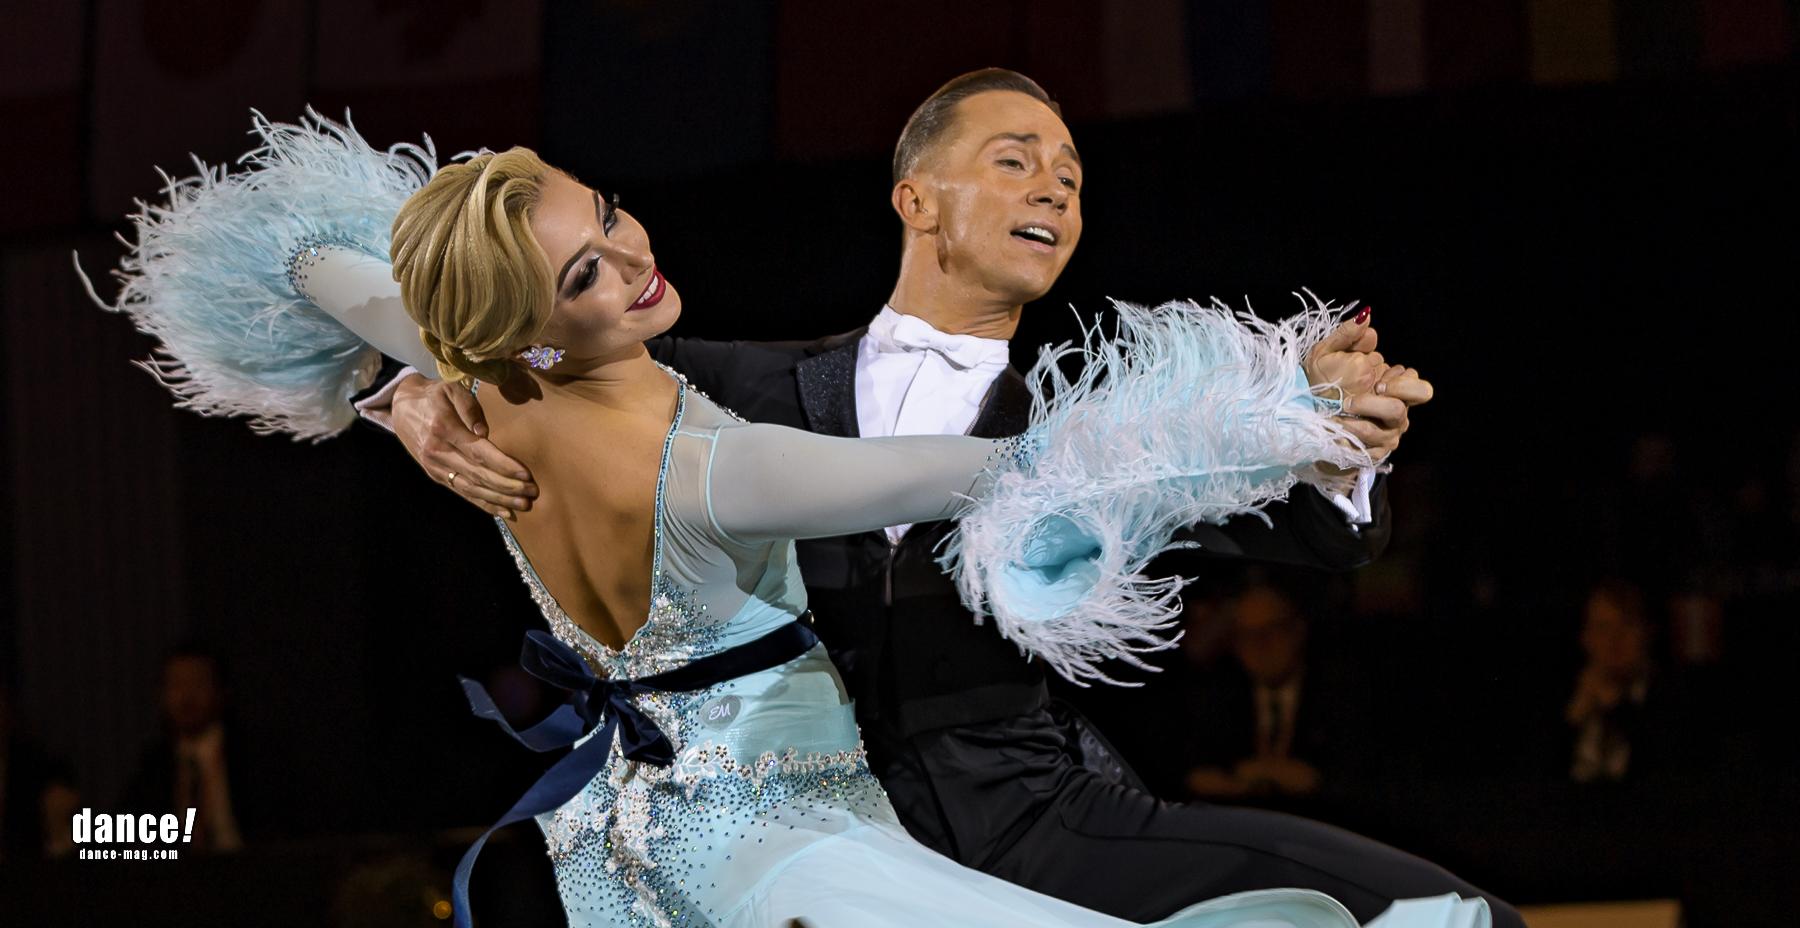 4. Rang: Evgeny Moshenin & Dana Spitsyna, RUS